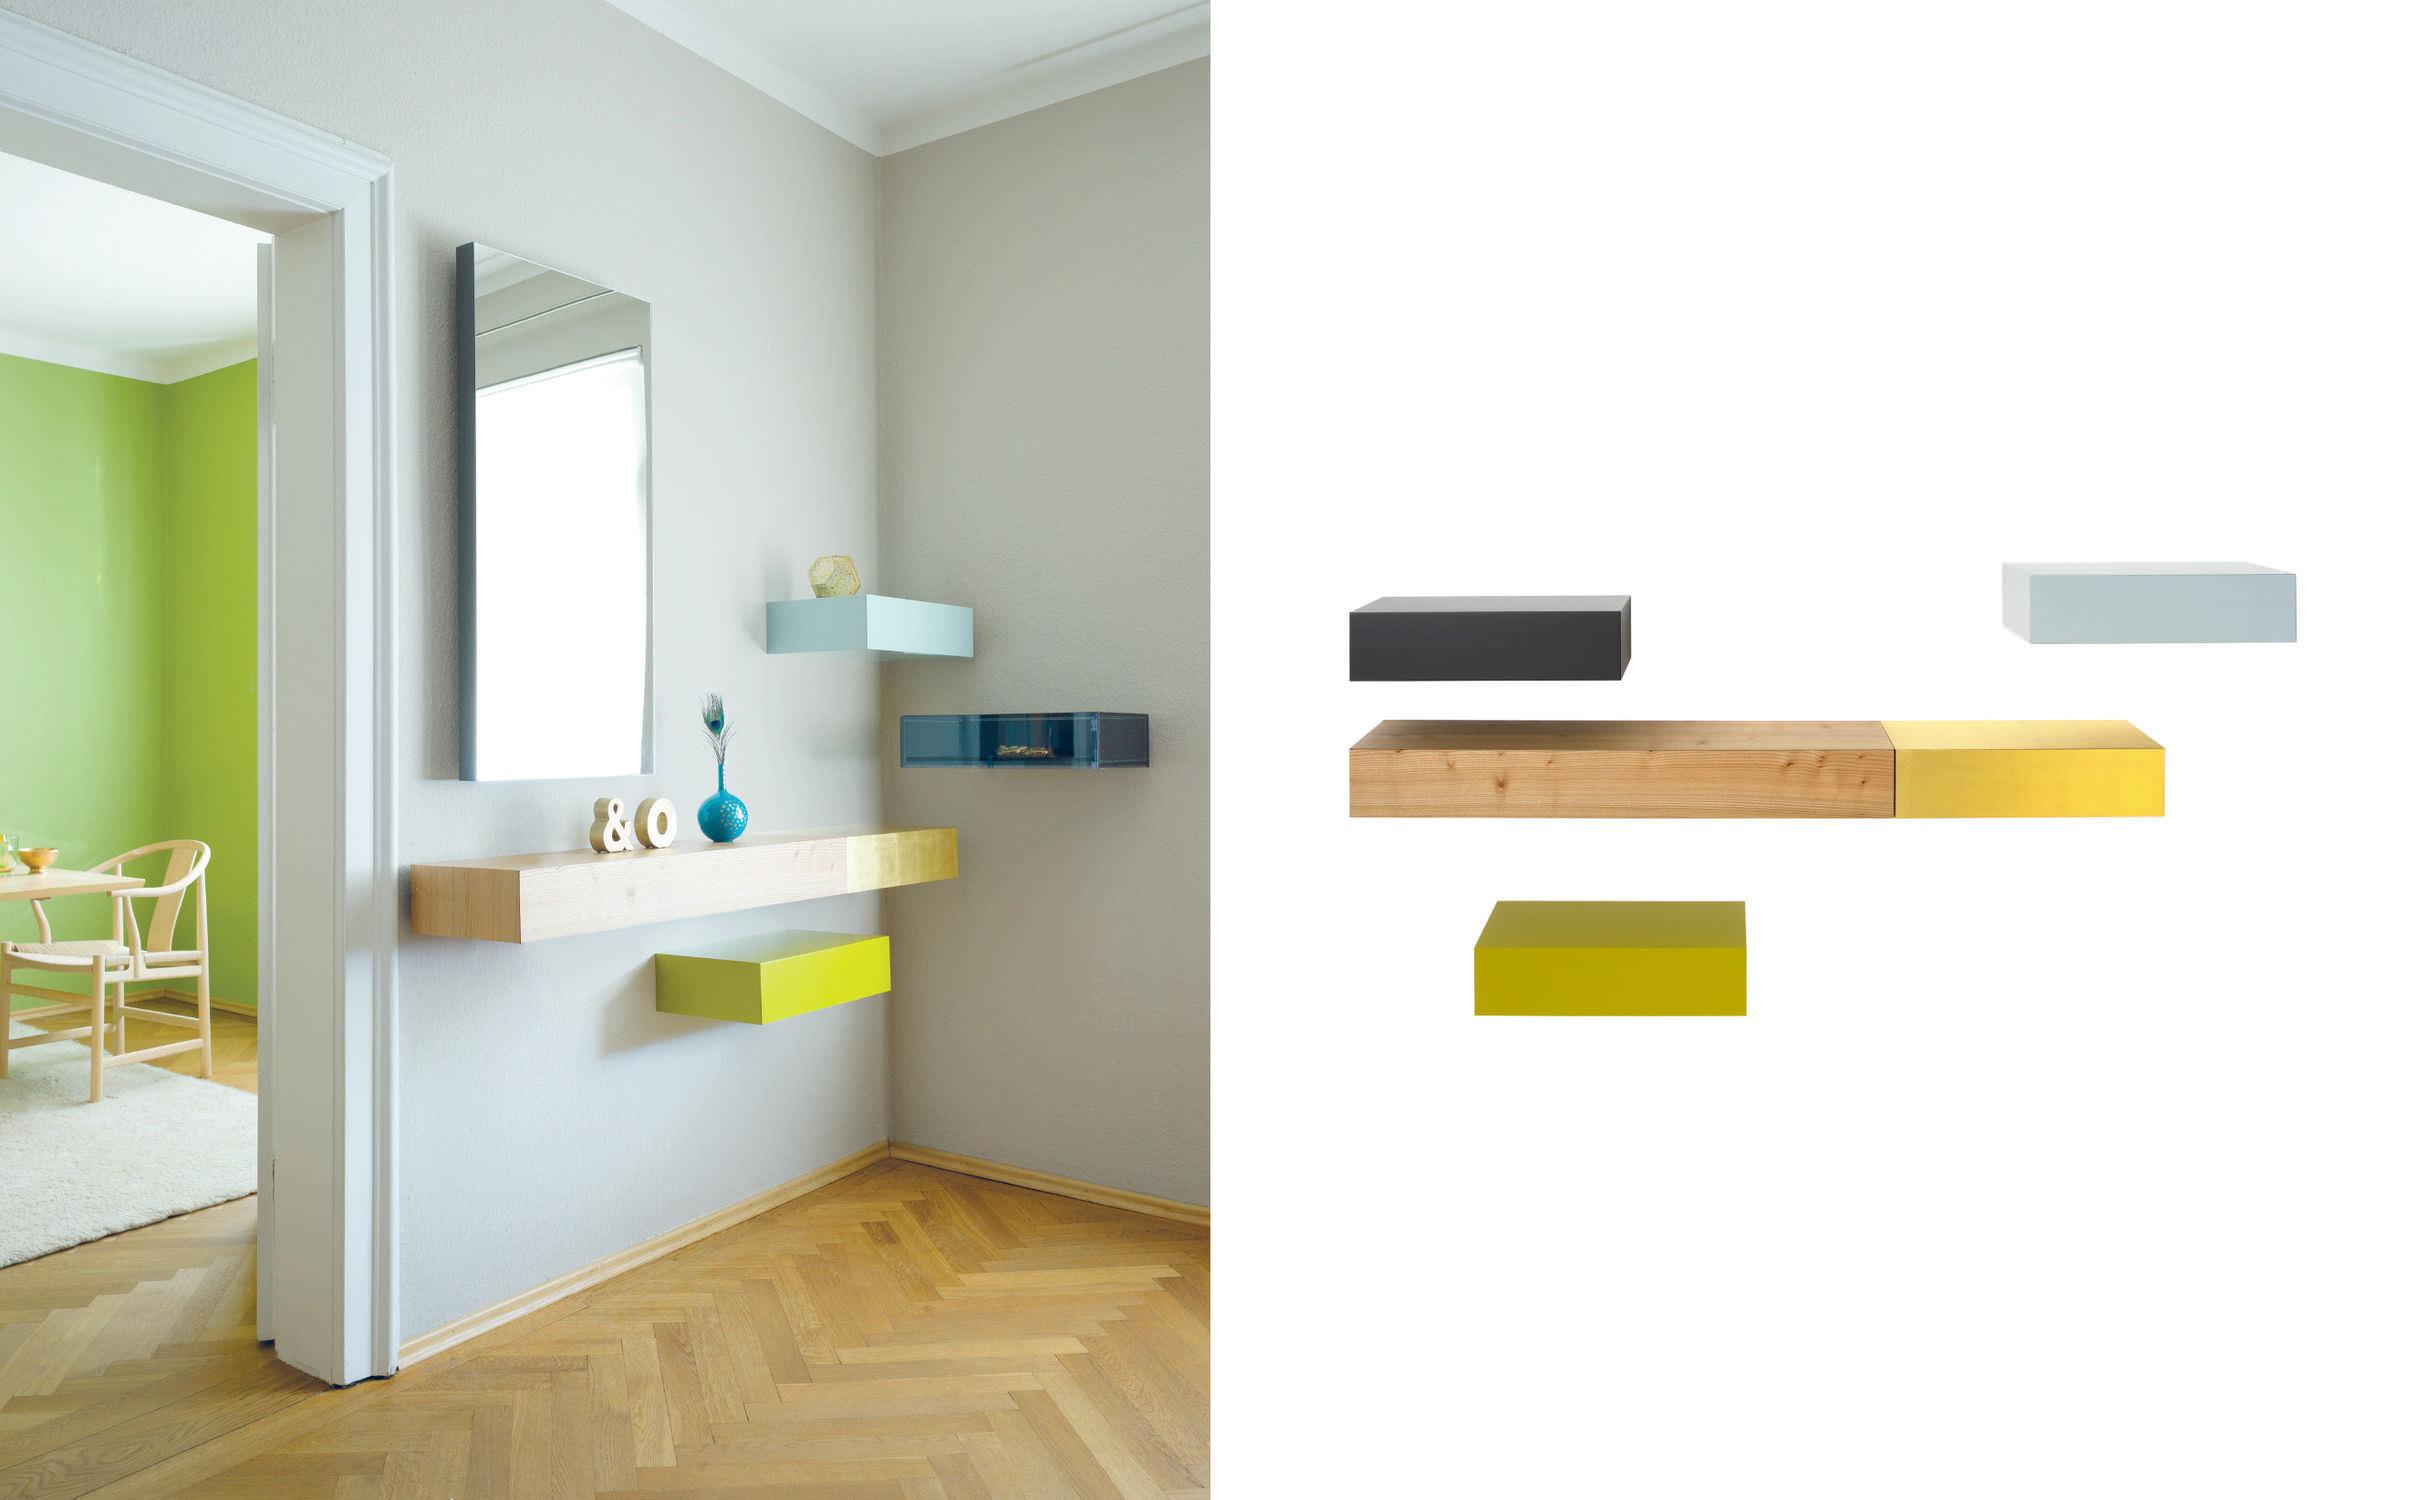 ... Moderner Konsolentisch / Holz / Rechteckig / Wandmontiert EPOCA By Ulf  Moritz Schönbuch ...